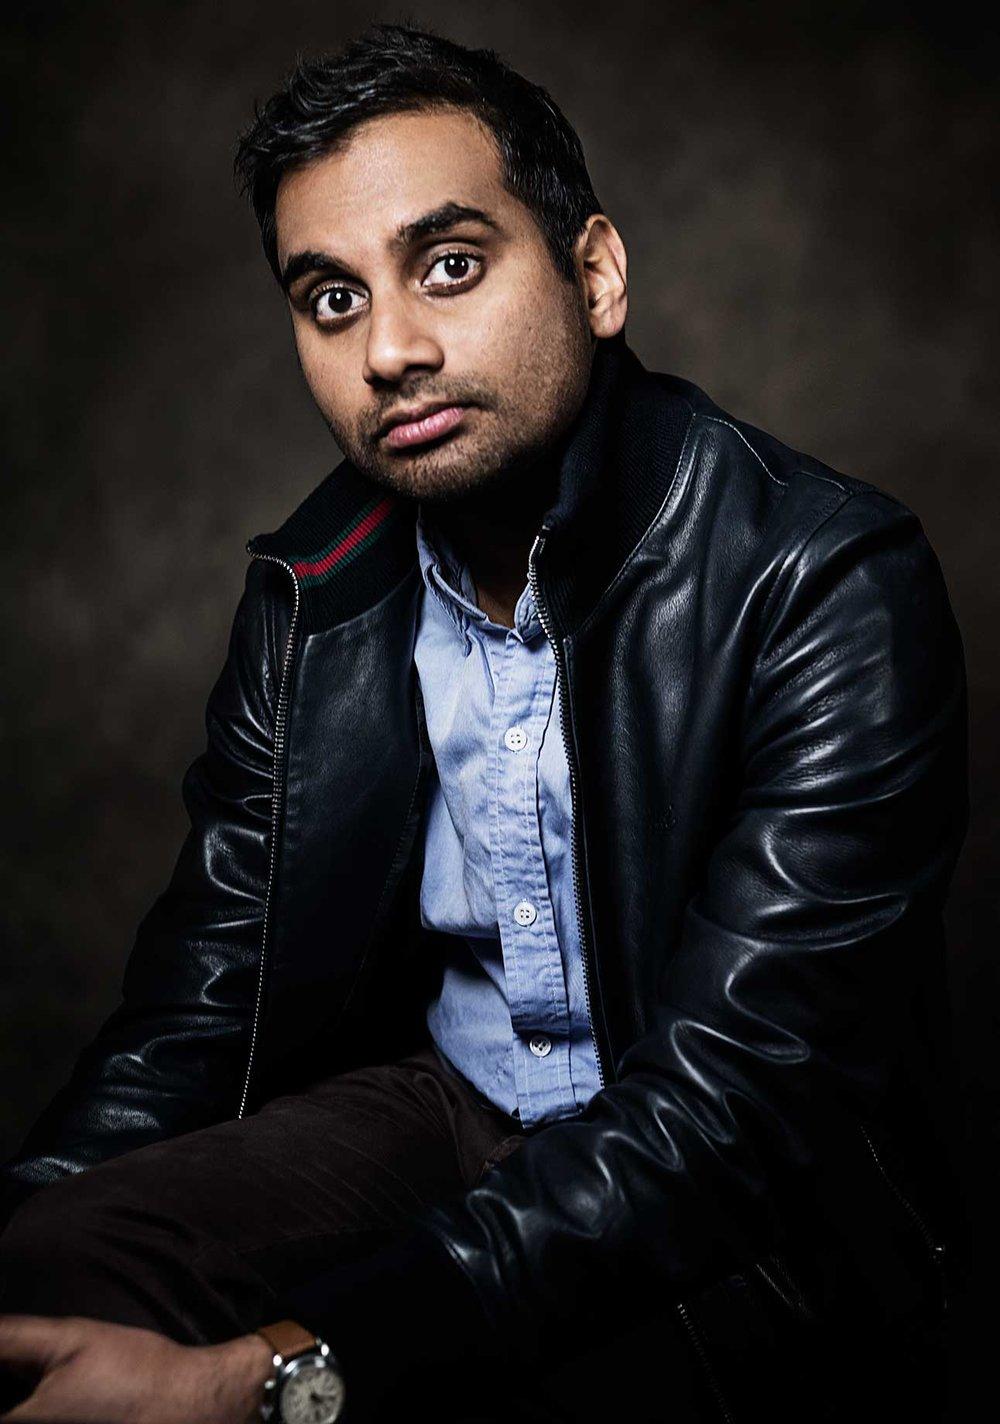 Aziz-Ansari-Master-None-2523-3.jpg